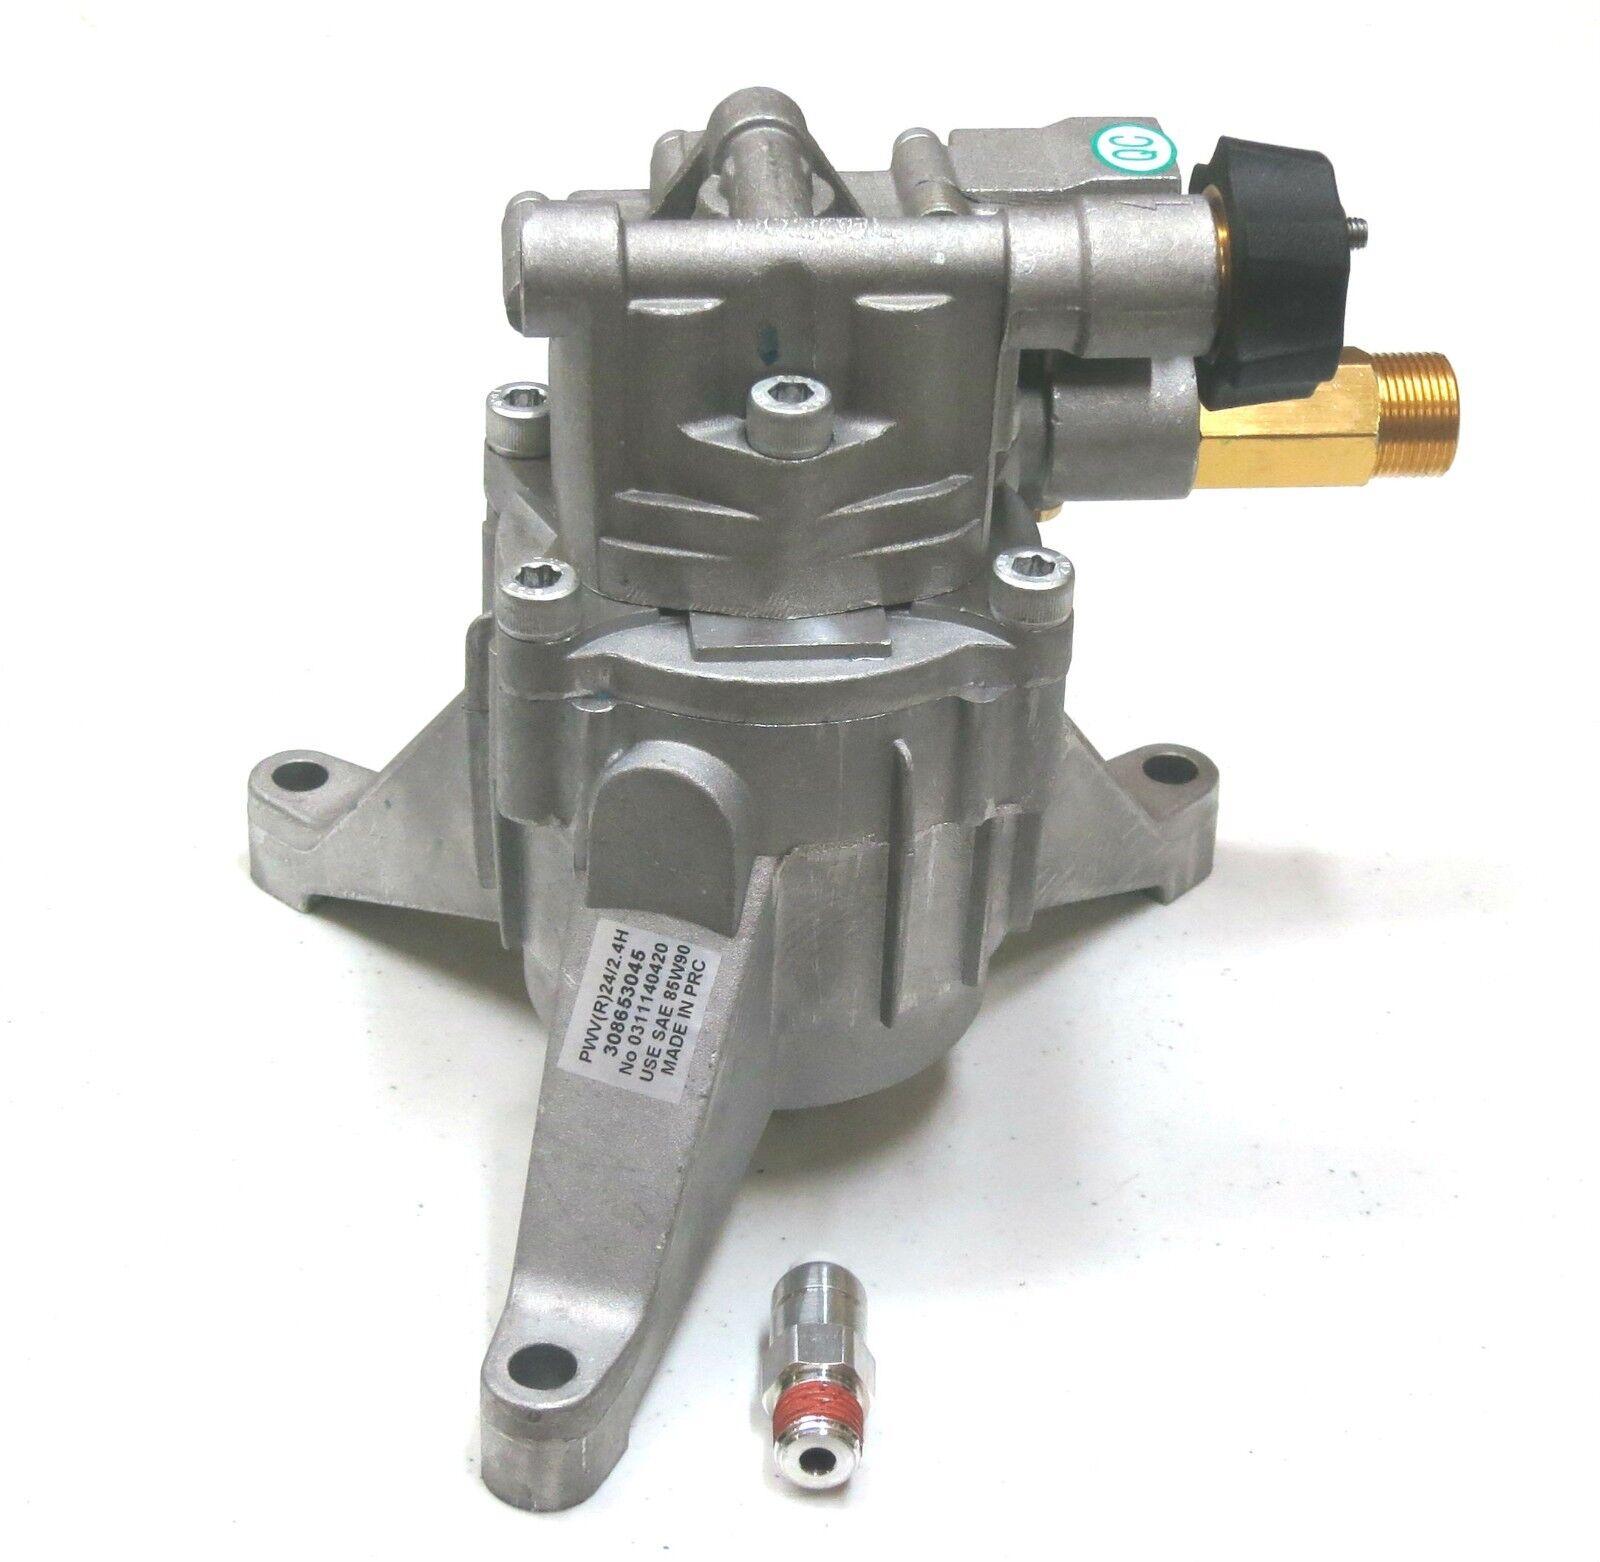 New 2800 Psi Power Pressure Washer Water Pump Troy Bilt